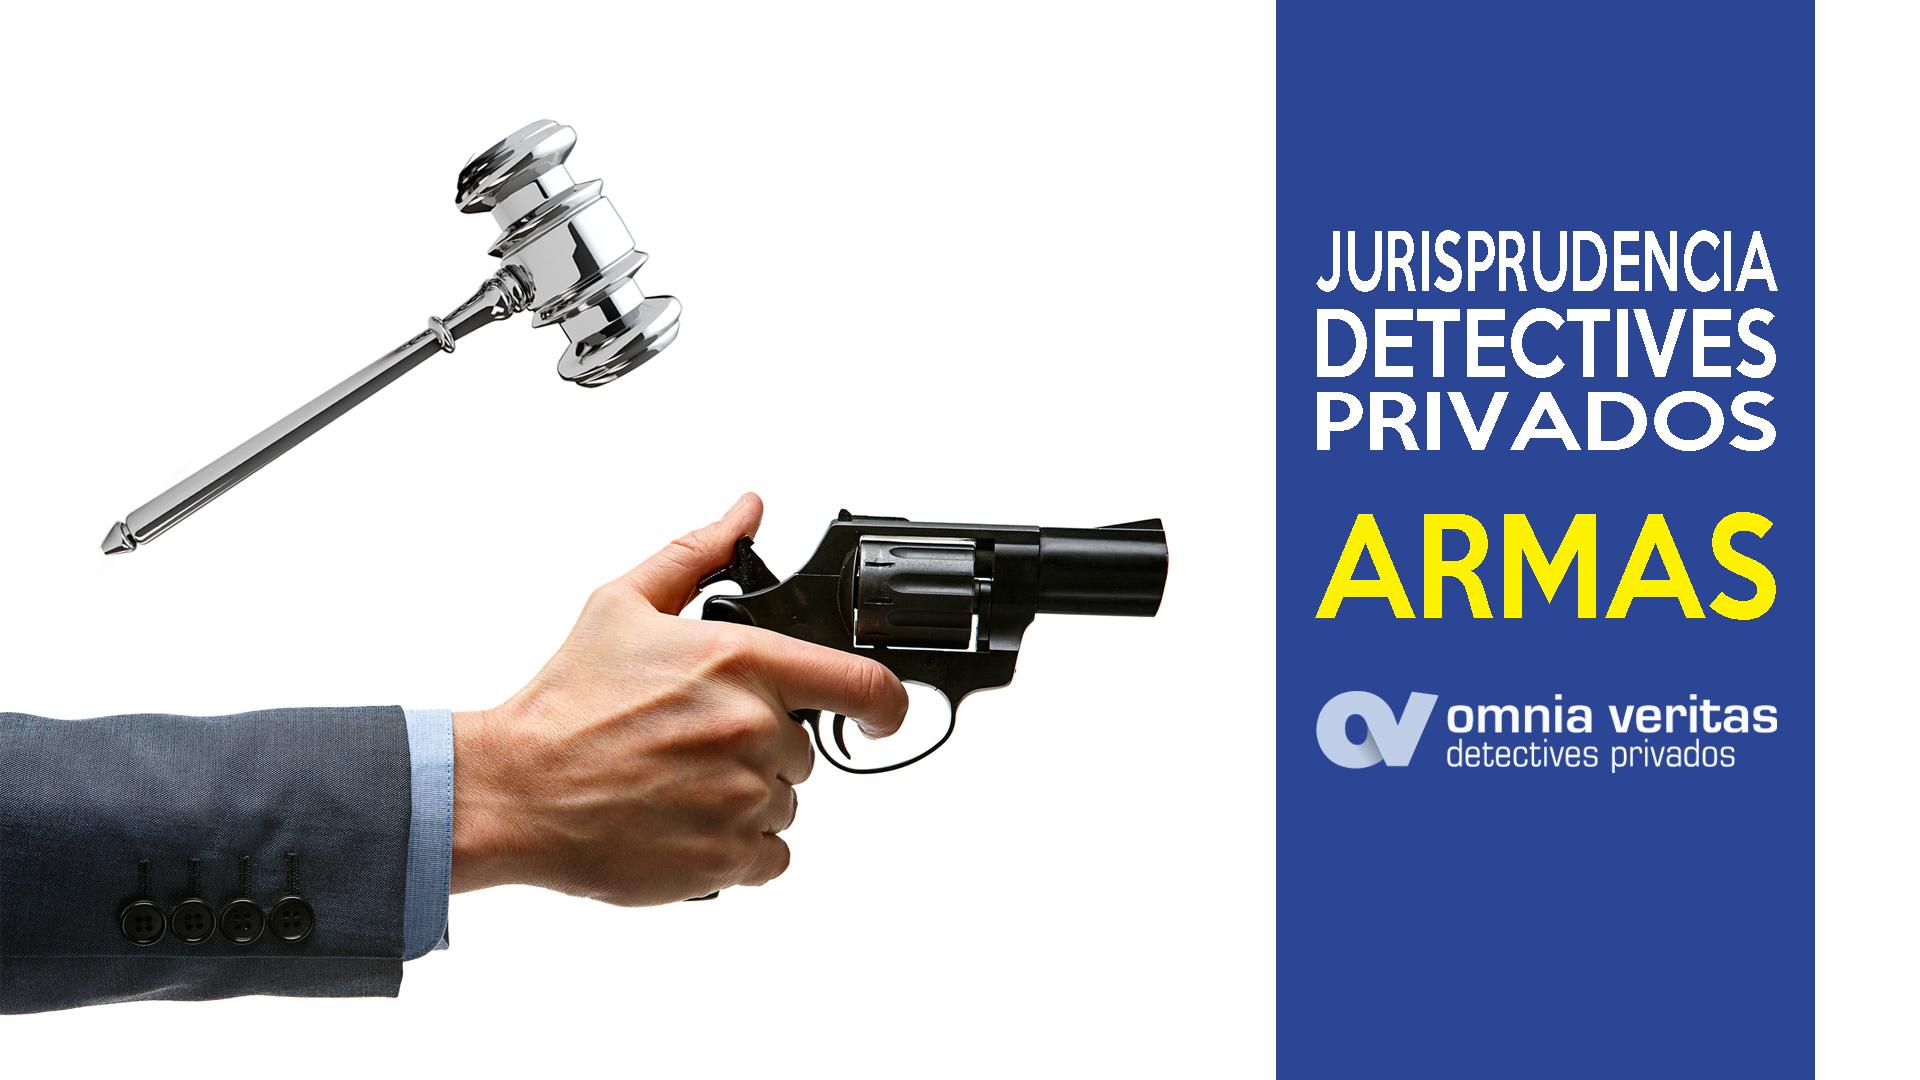 DETECTIVES PRIVADOS DERECHO ARMAS